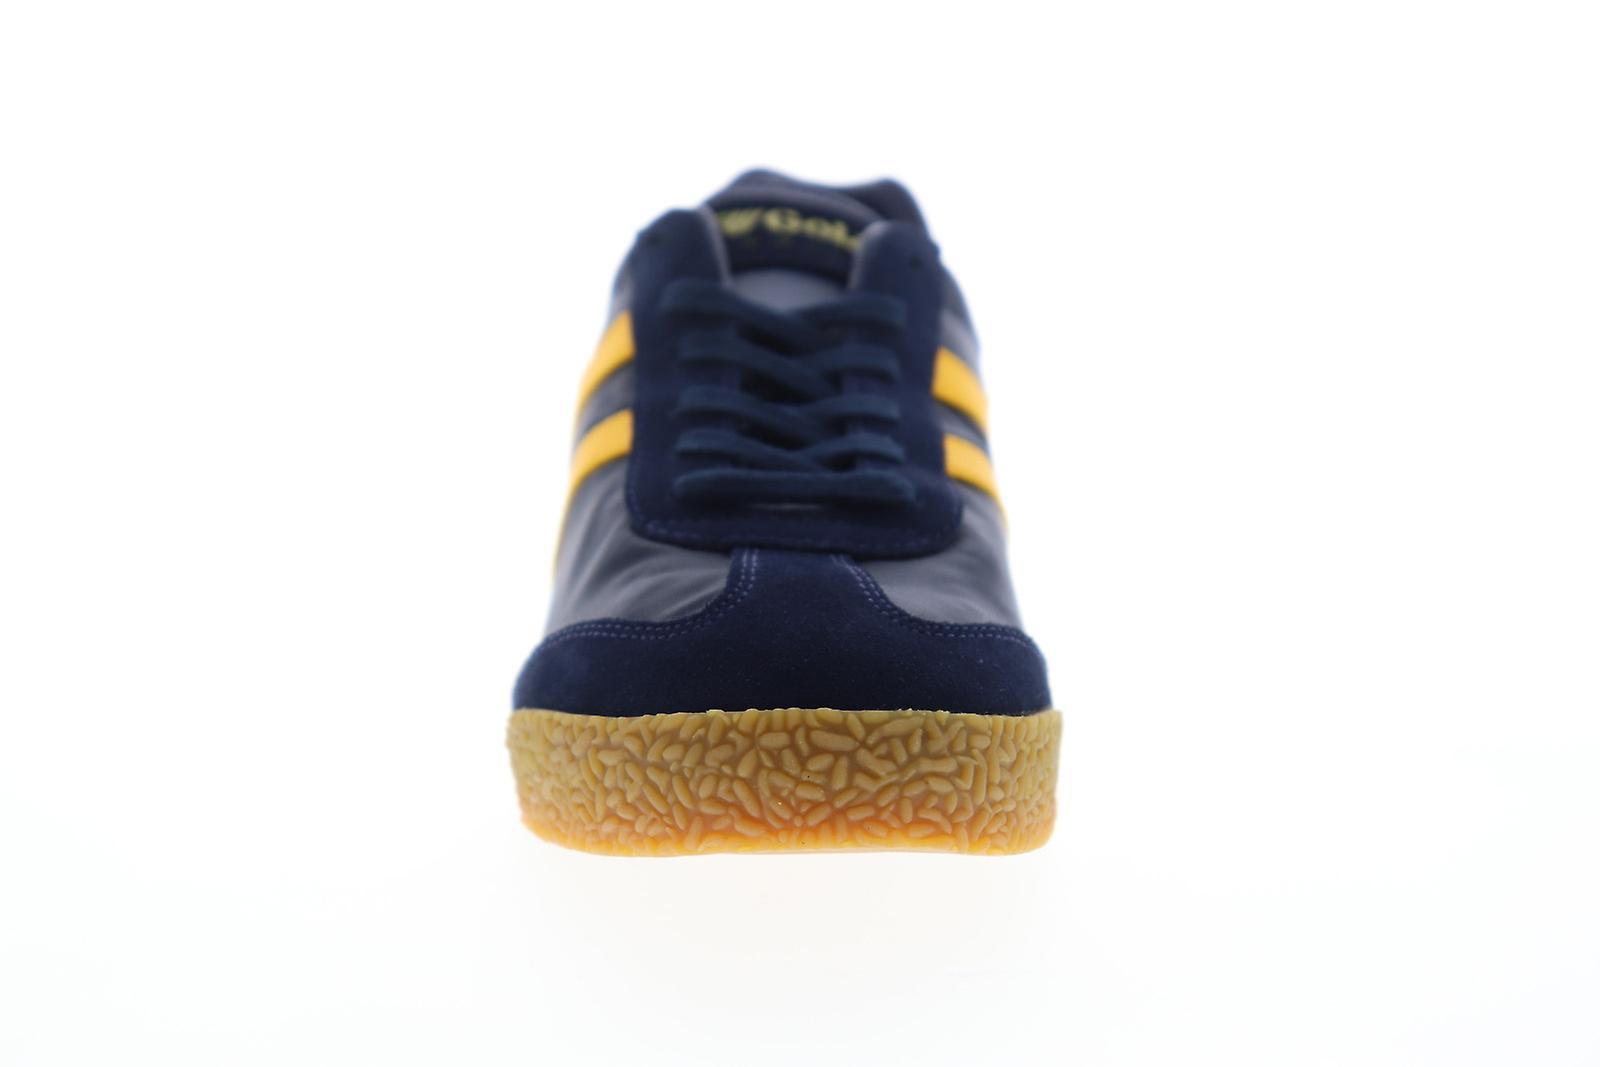 Gola Harrier Nylon Mens Blue Lace Up Low Top Sneakers Schoenen - Gratis verzending z82qpj